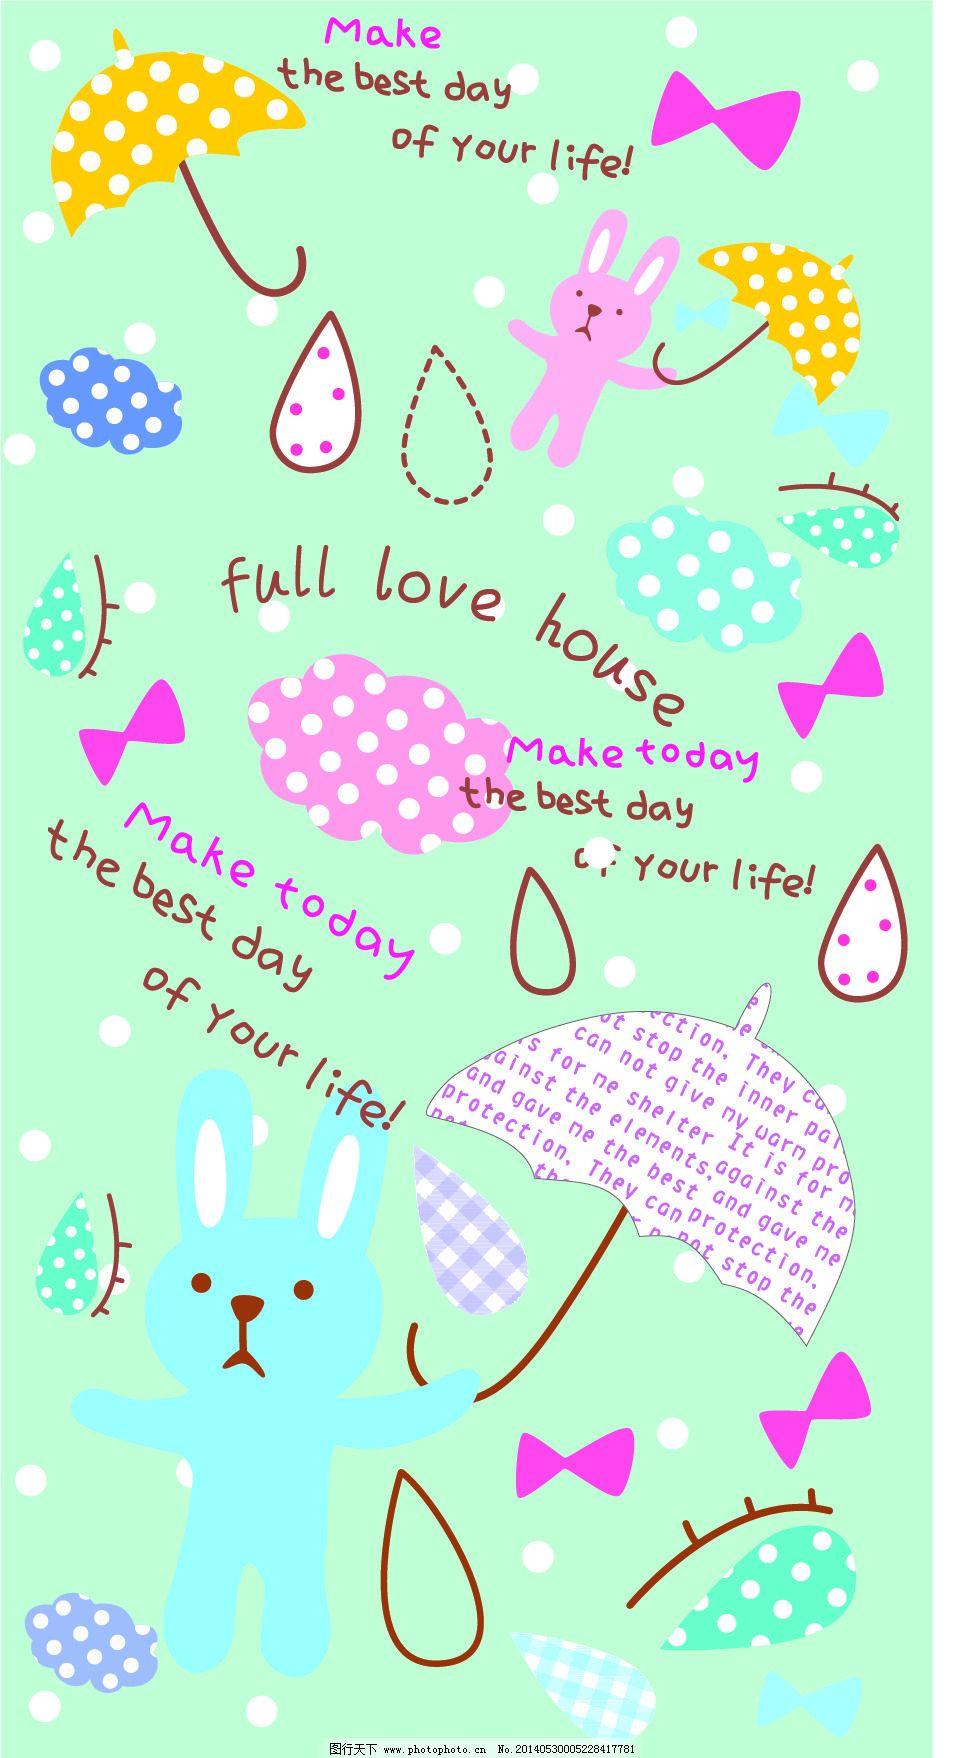 韩国小兔子 韩国小兔子免费下载 卡通 雨点 矢量图 花纹花边